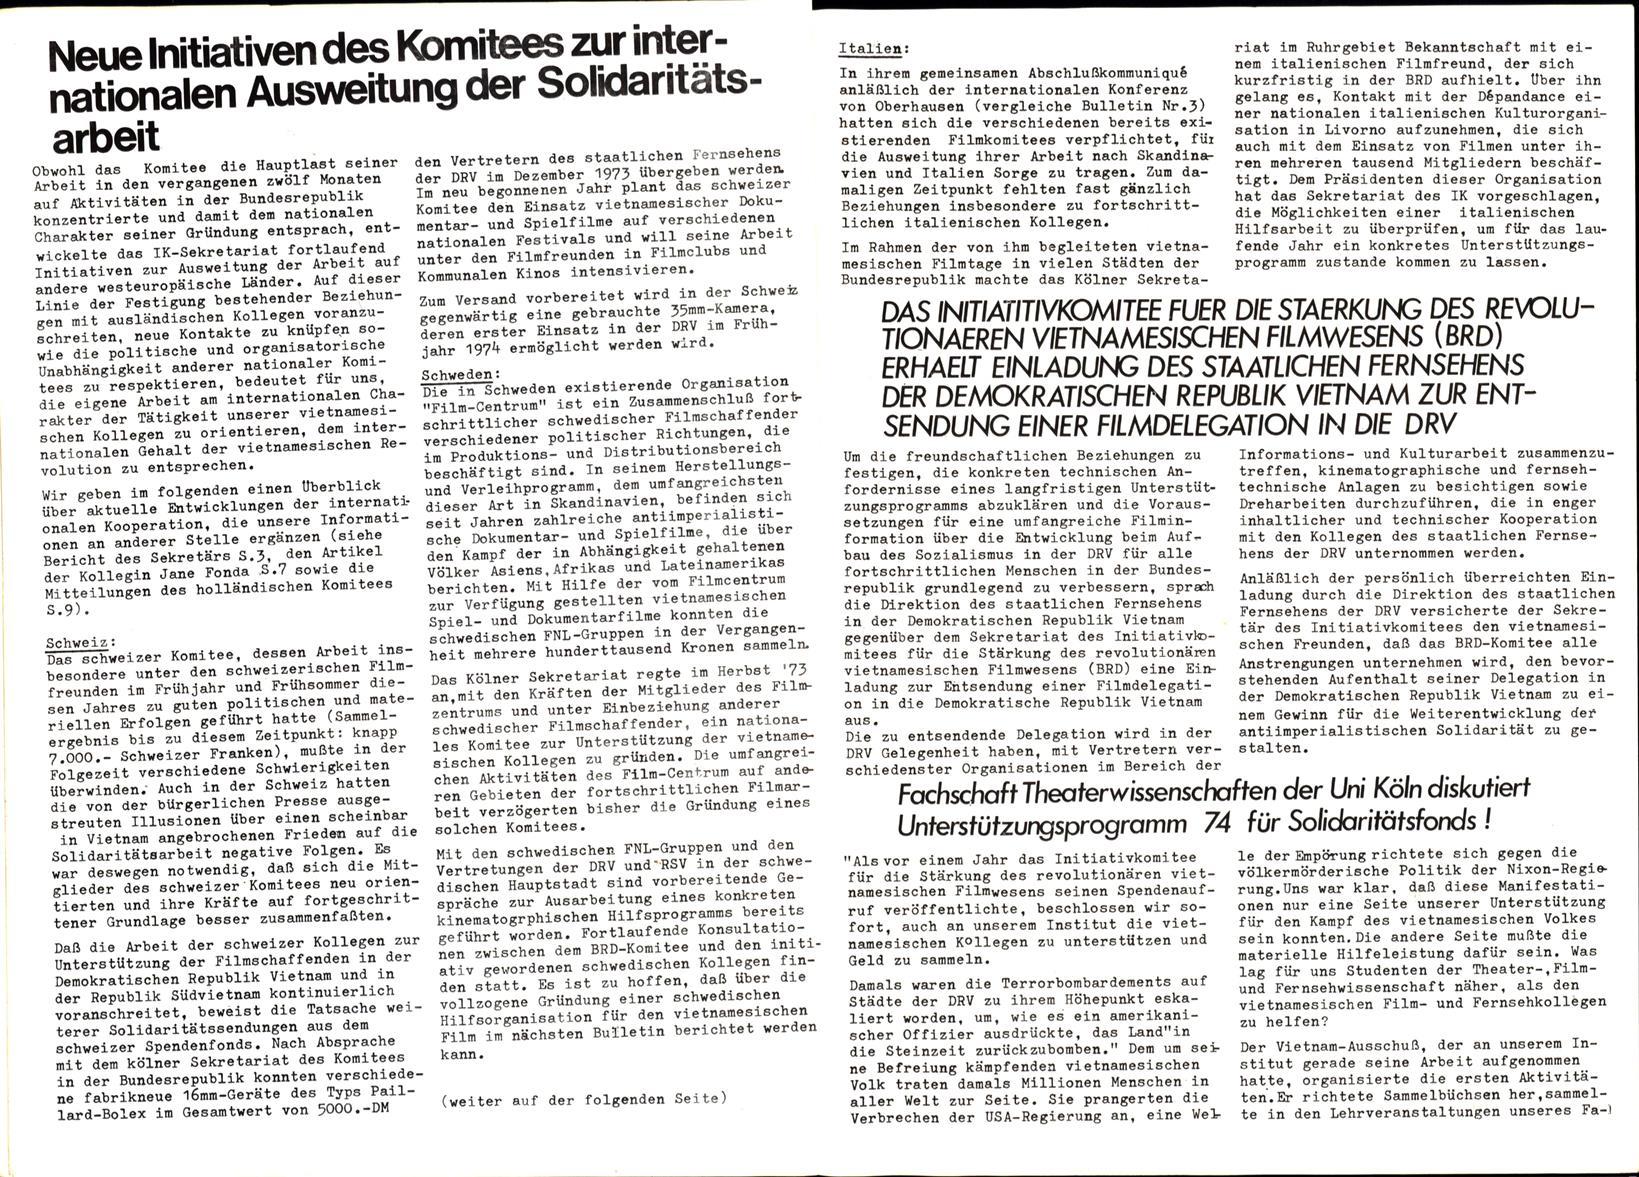 IK_Filmwesen_Bulletin_19740100_005_006_007